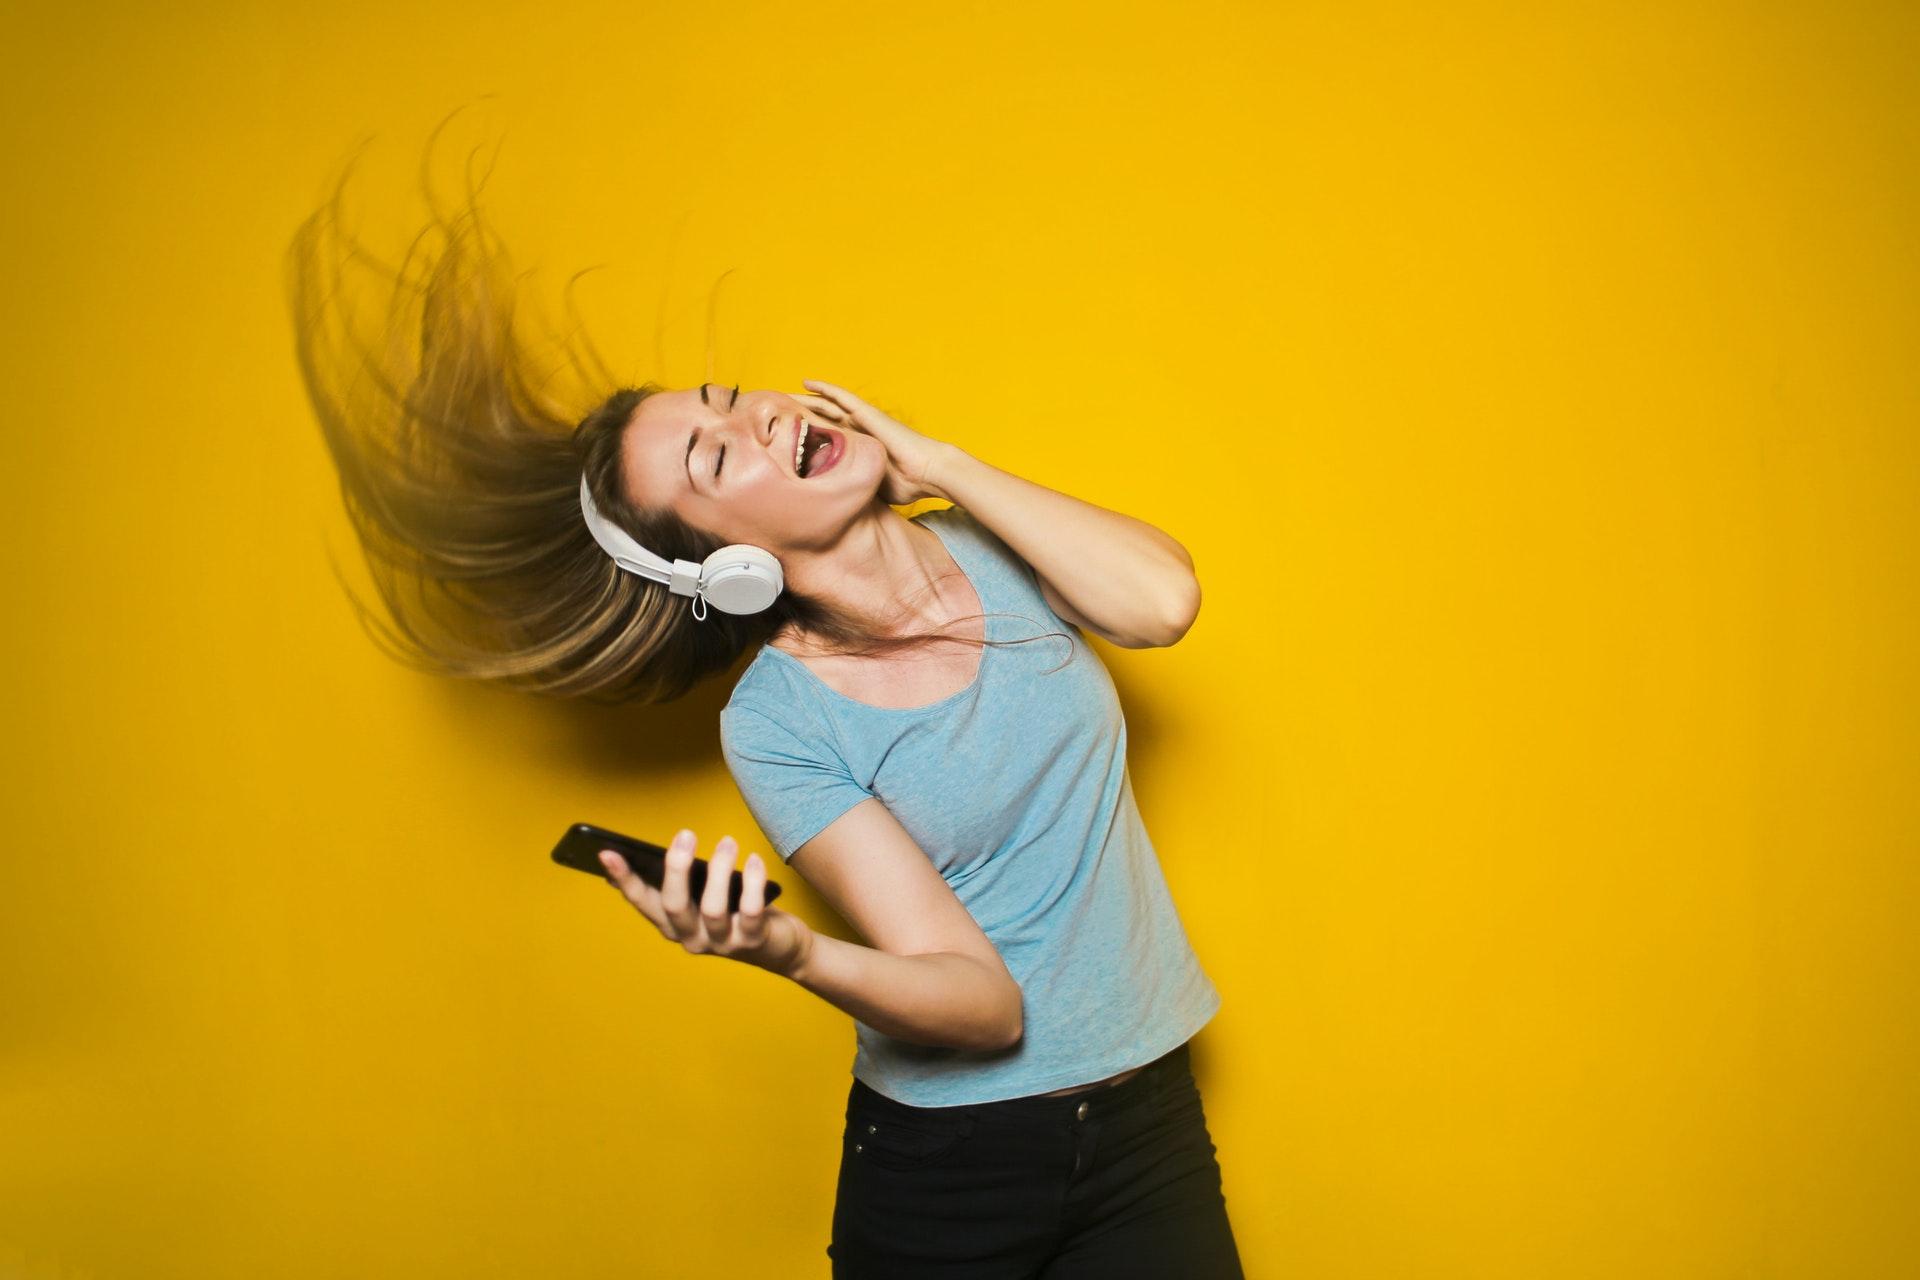 Прослуховування музики під час тренувань допомагає зменшити втому